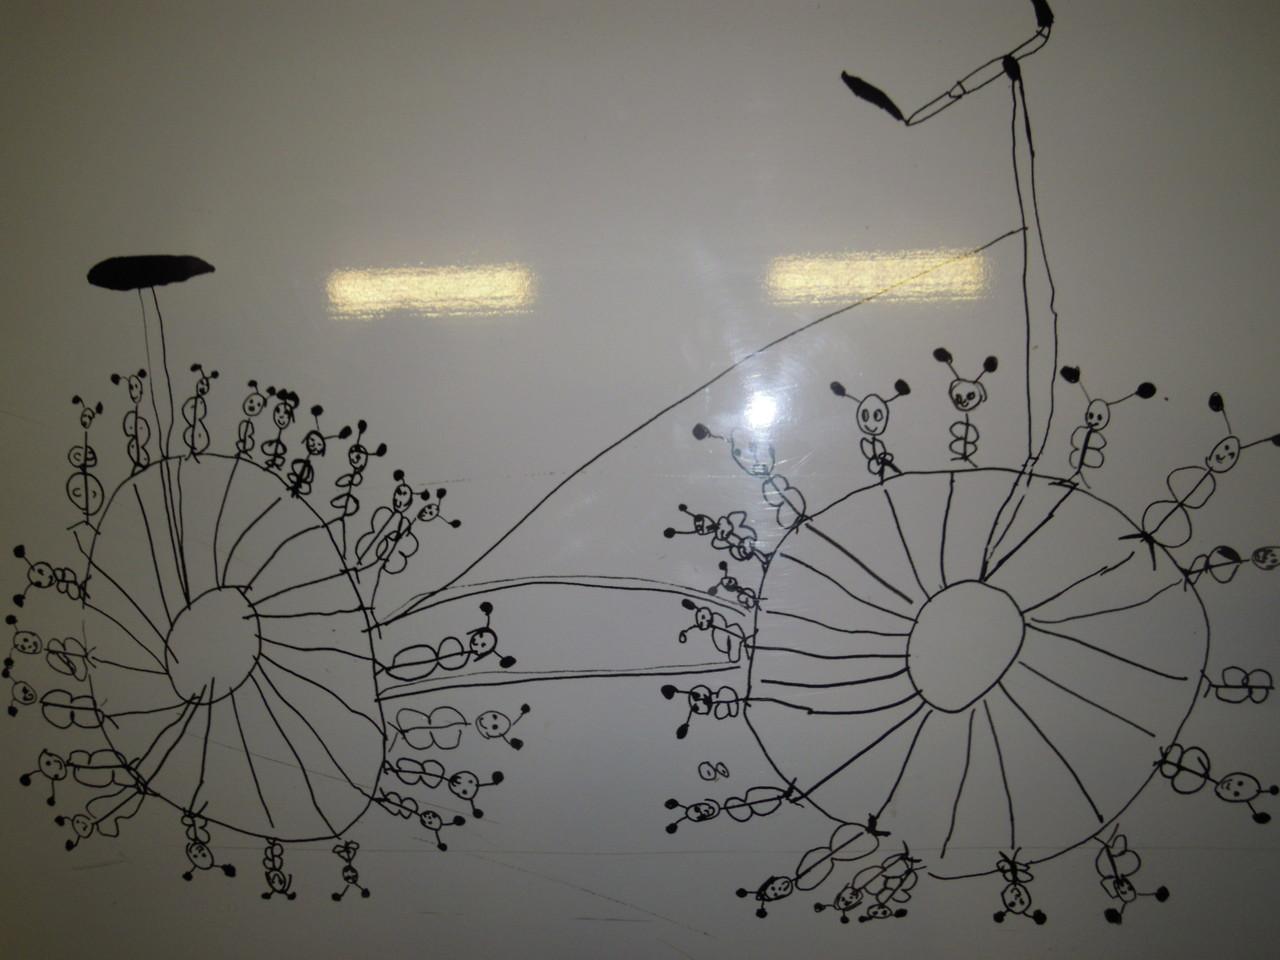 Fahrräder in unterschiedlichen Materialien im Bahnhofsdurchgang. Darstellung der 100 Sprachen. Dieses Fahrrad entstand nach dem Vorbild der Farfalle- Nudel oder Schmetterlingsnudeln genannt.